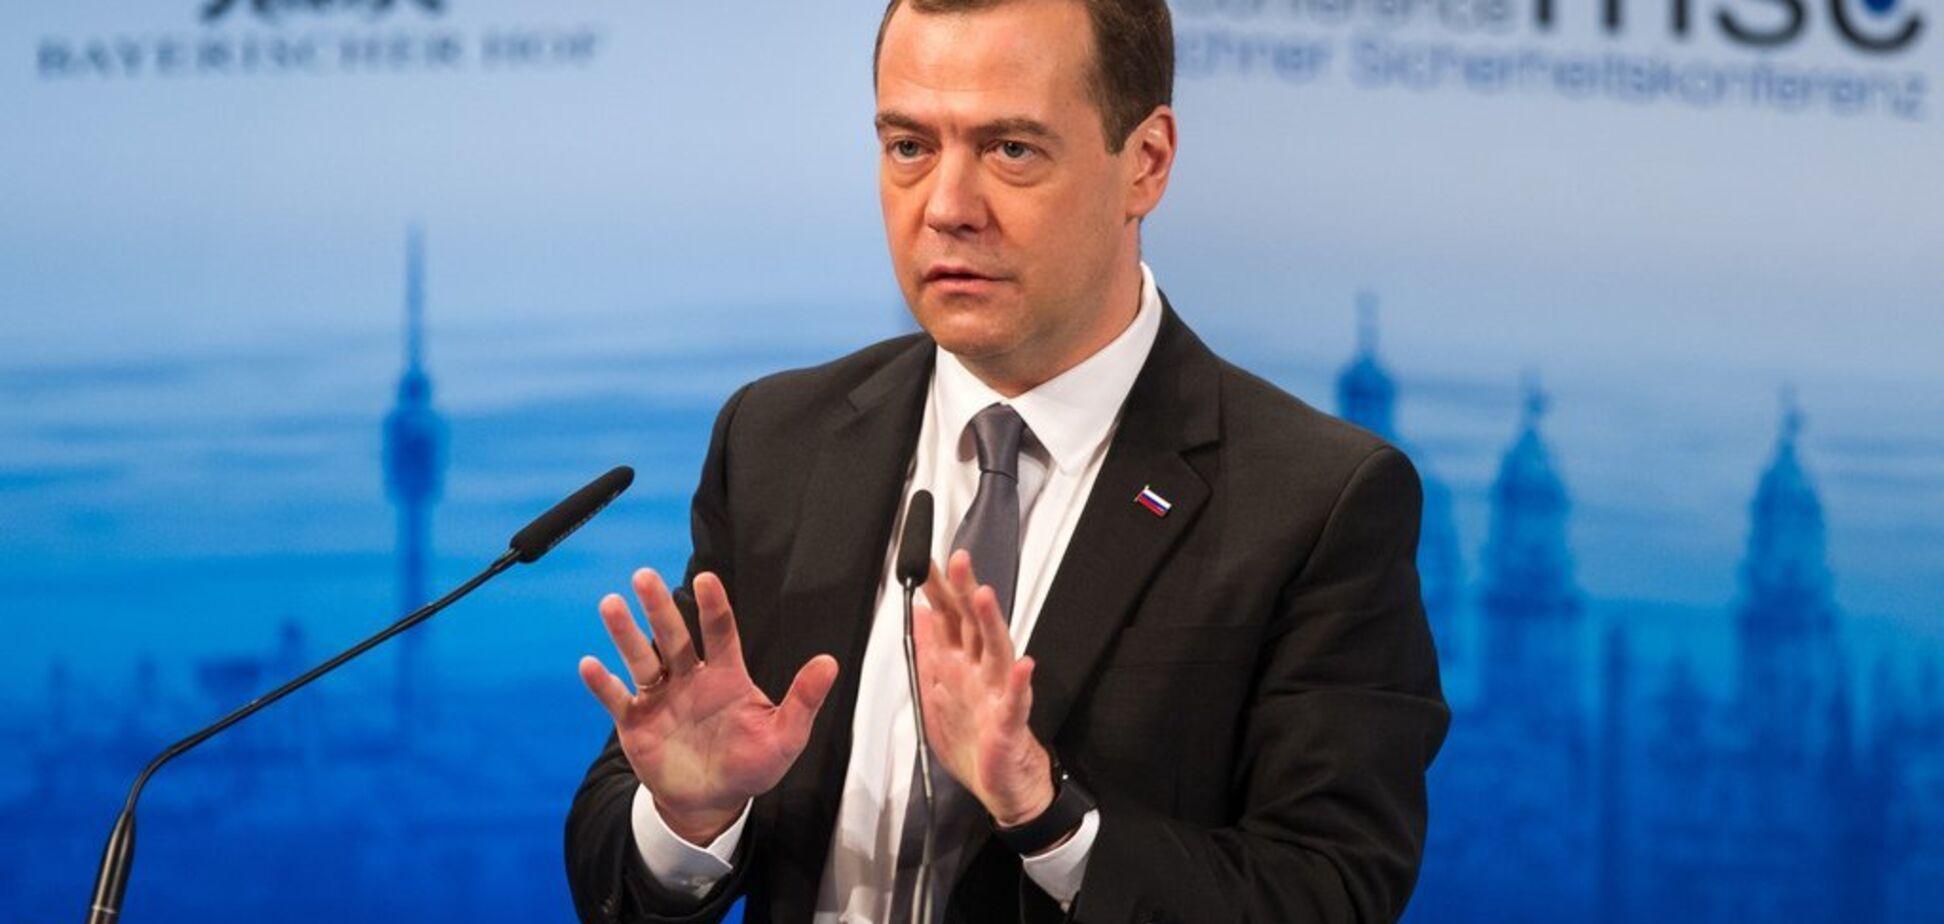 ''Дімон підписун'': у мережі висміяли Медведєва за нові санкції проти України